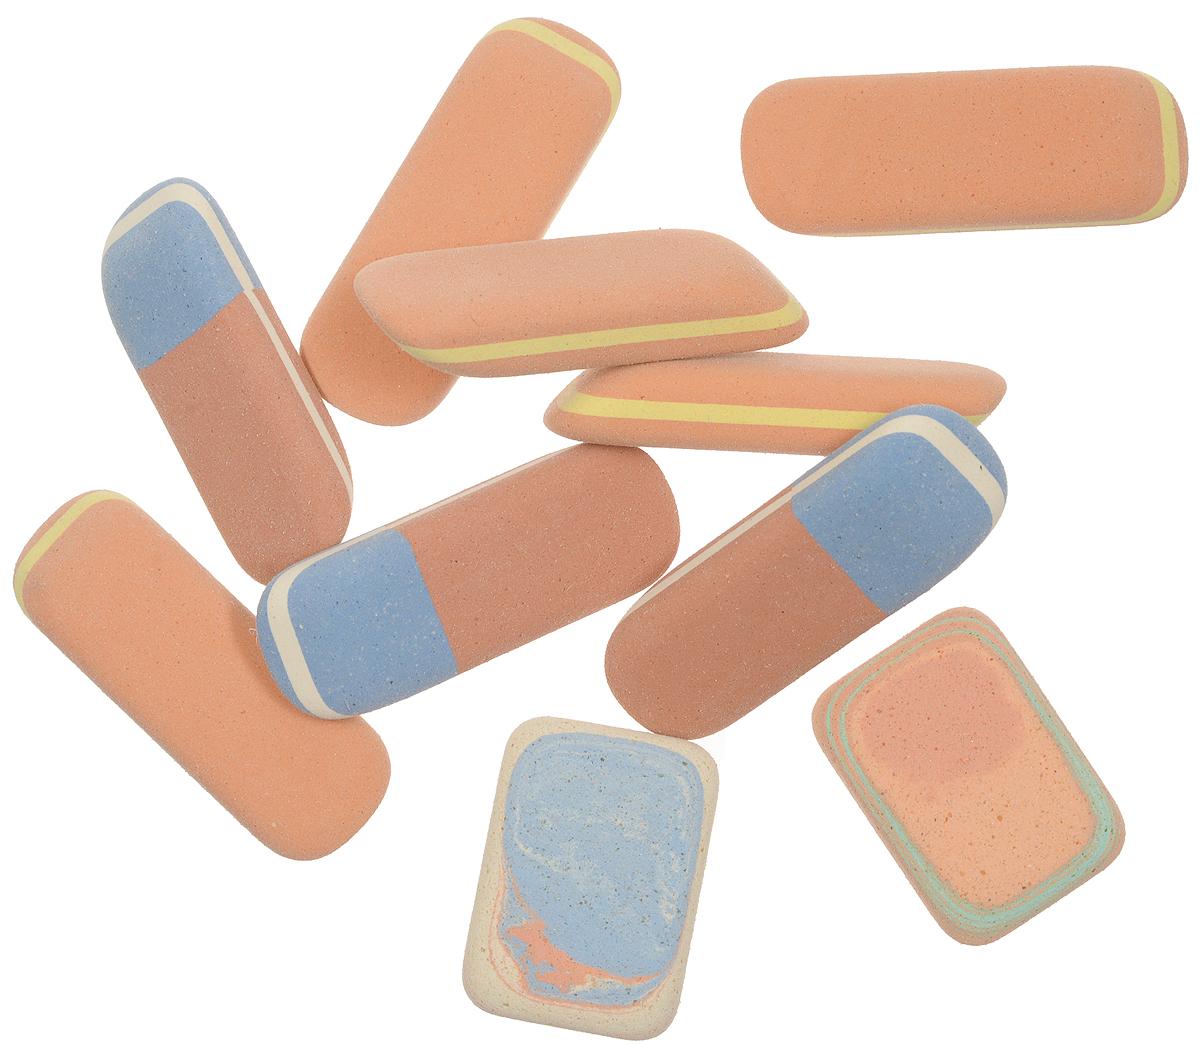 Koh-i-Noor Набор ластиков 10 шт6510Ластики Koh-i-Noor идеально подходят для применения как в школе, так и в офисе.Ластики обеспечивают высокое качество коррекции, не повреждают поверхность бумаги, даже при сильном трении, не оставляют следов.Абсолютно безопасны, не токсичны и экологичны.В упаковке 10 ластиков.